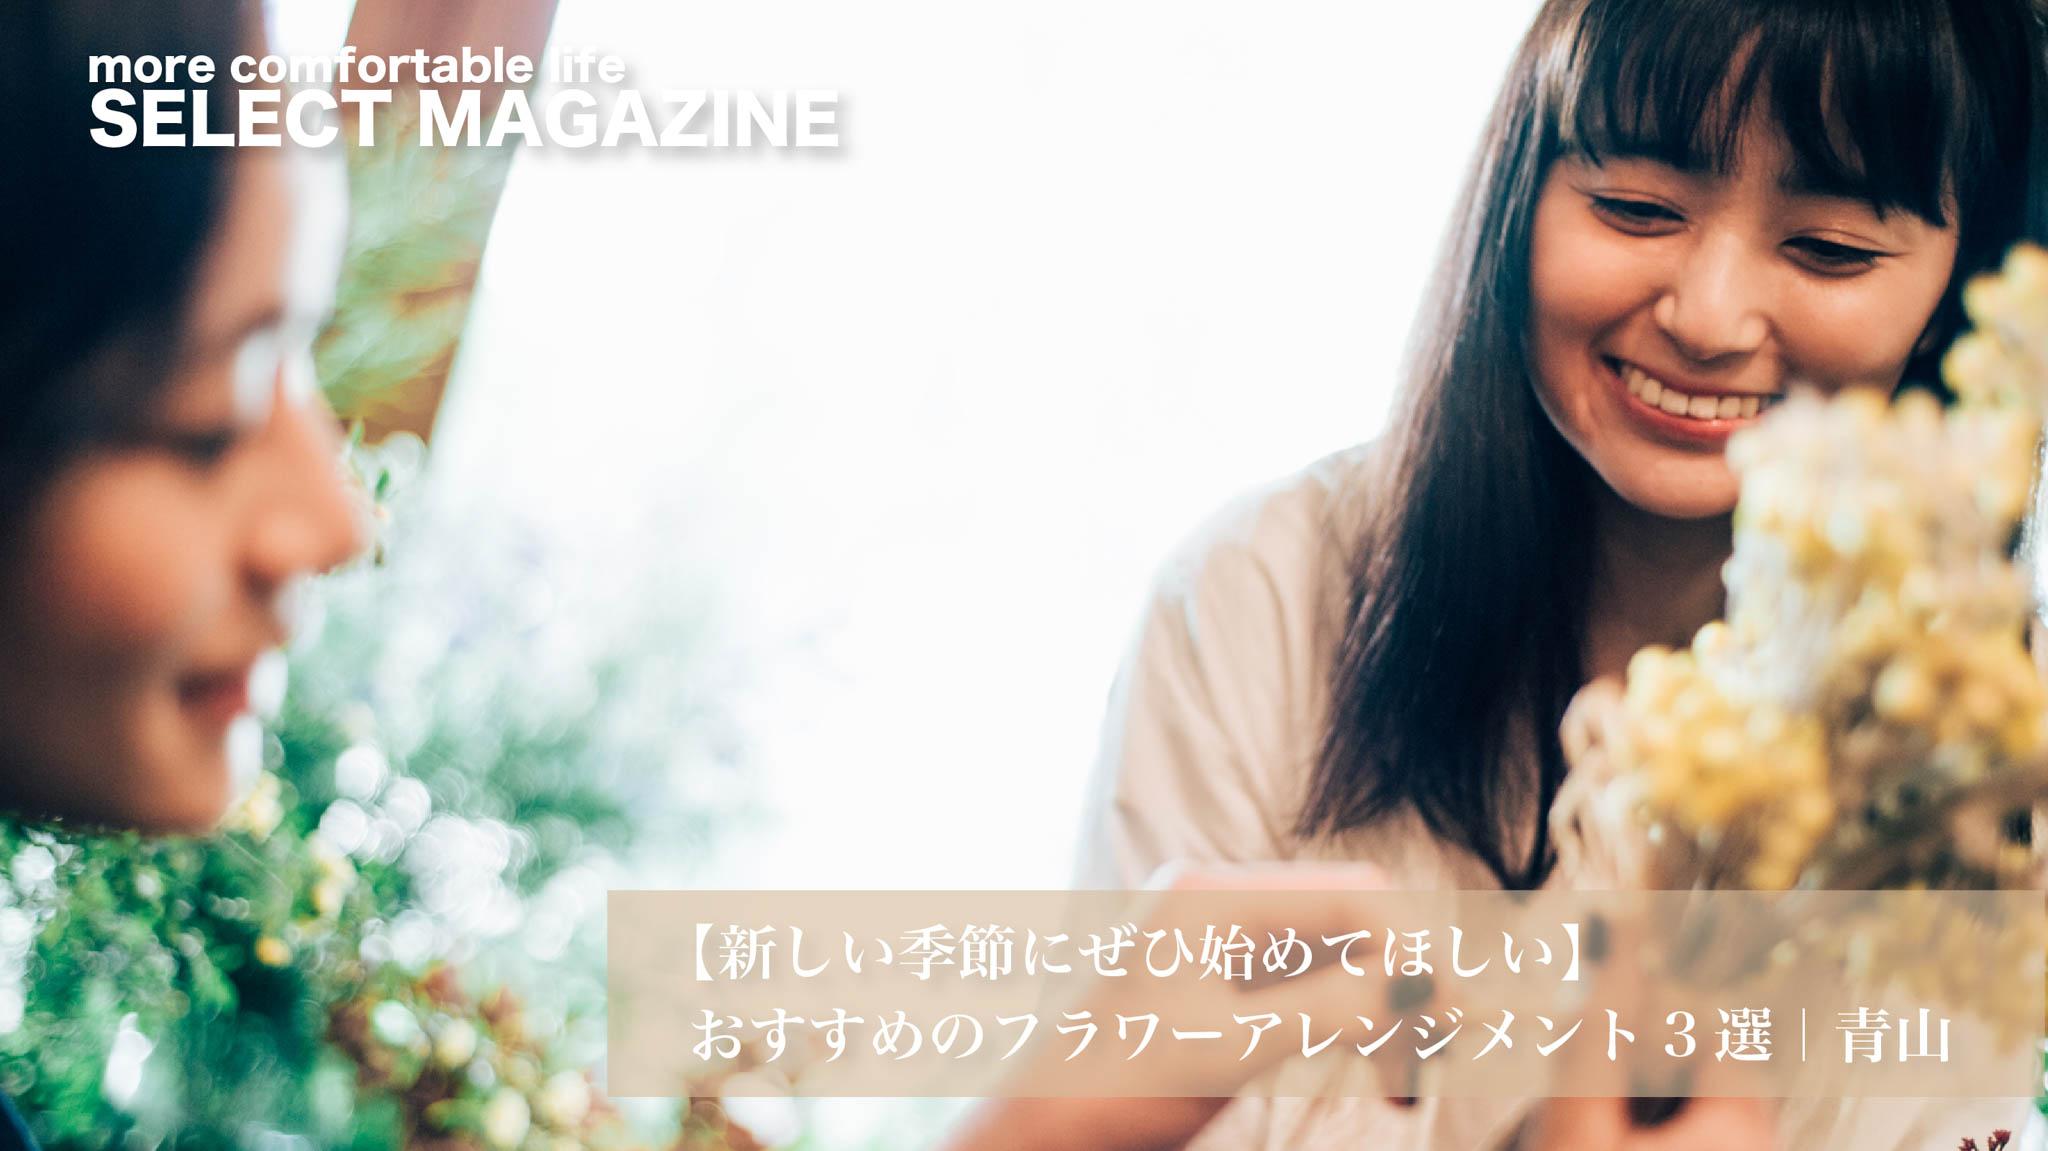 【新しい季節にぜひ始めてほしい】おすすめのフラワーアレンジメント3選|青山